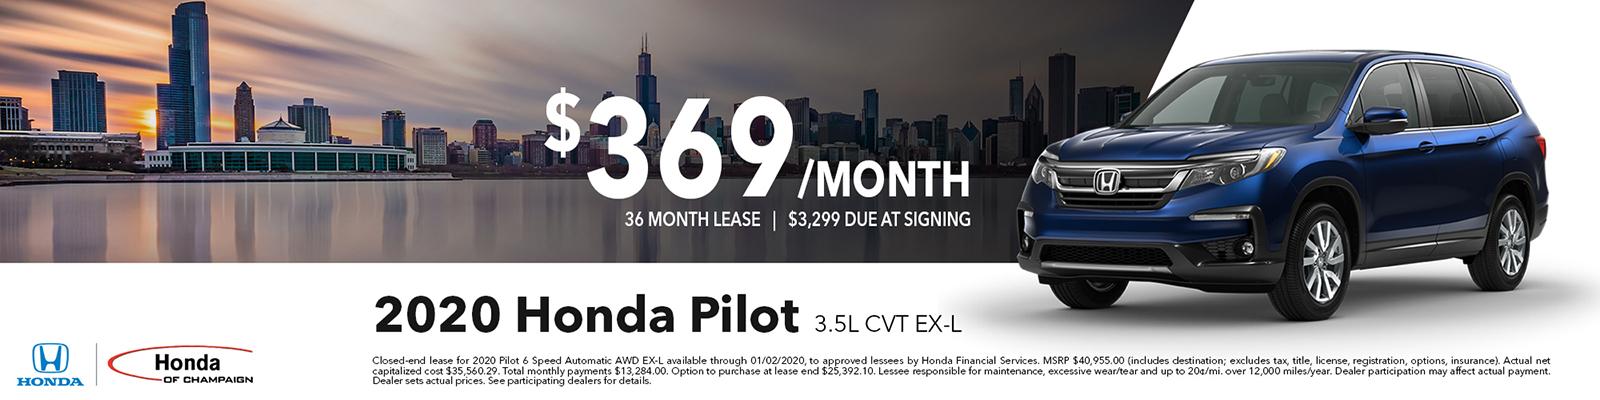 Honda Pilot Special